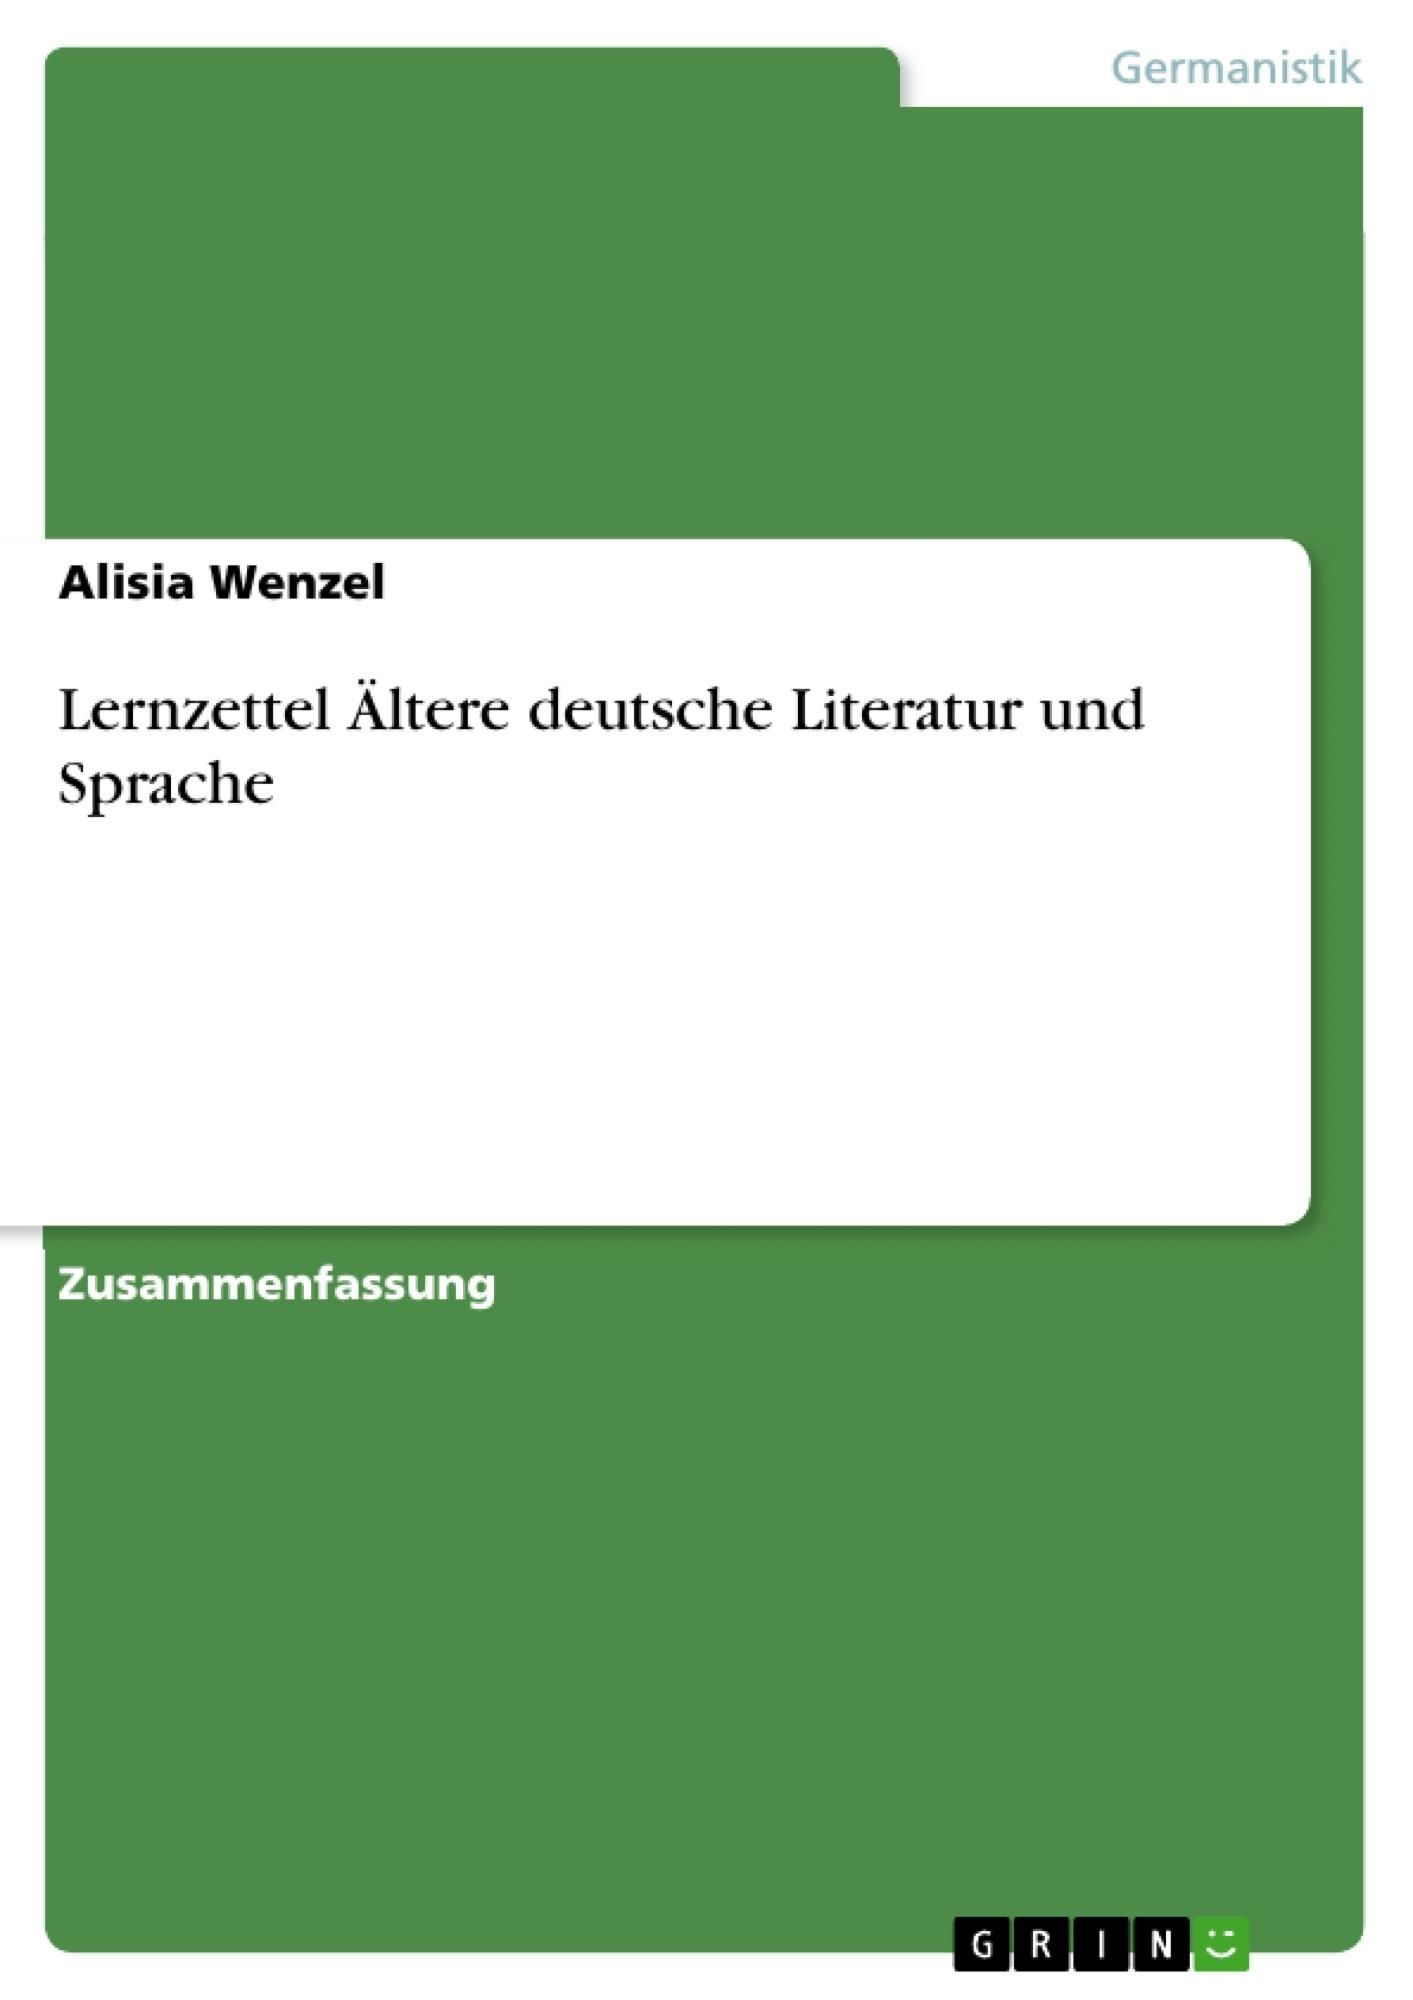 Titel: Lernzettel Ältere deutsche Literatur und Sprache